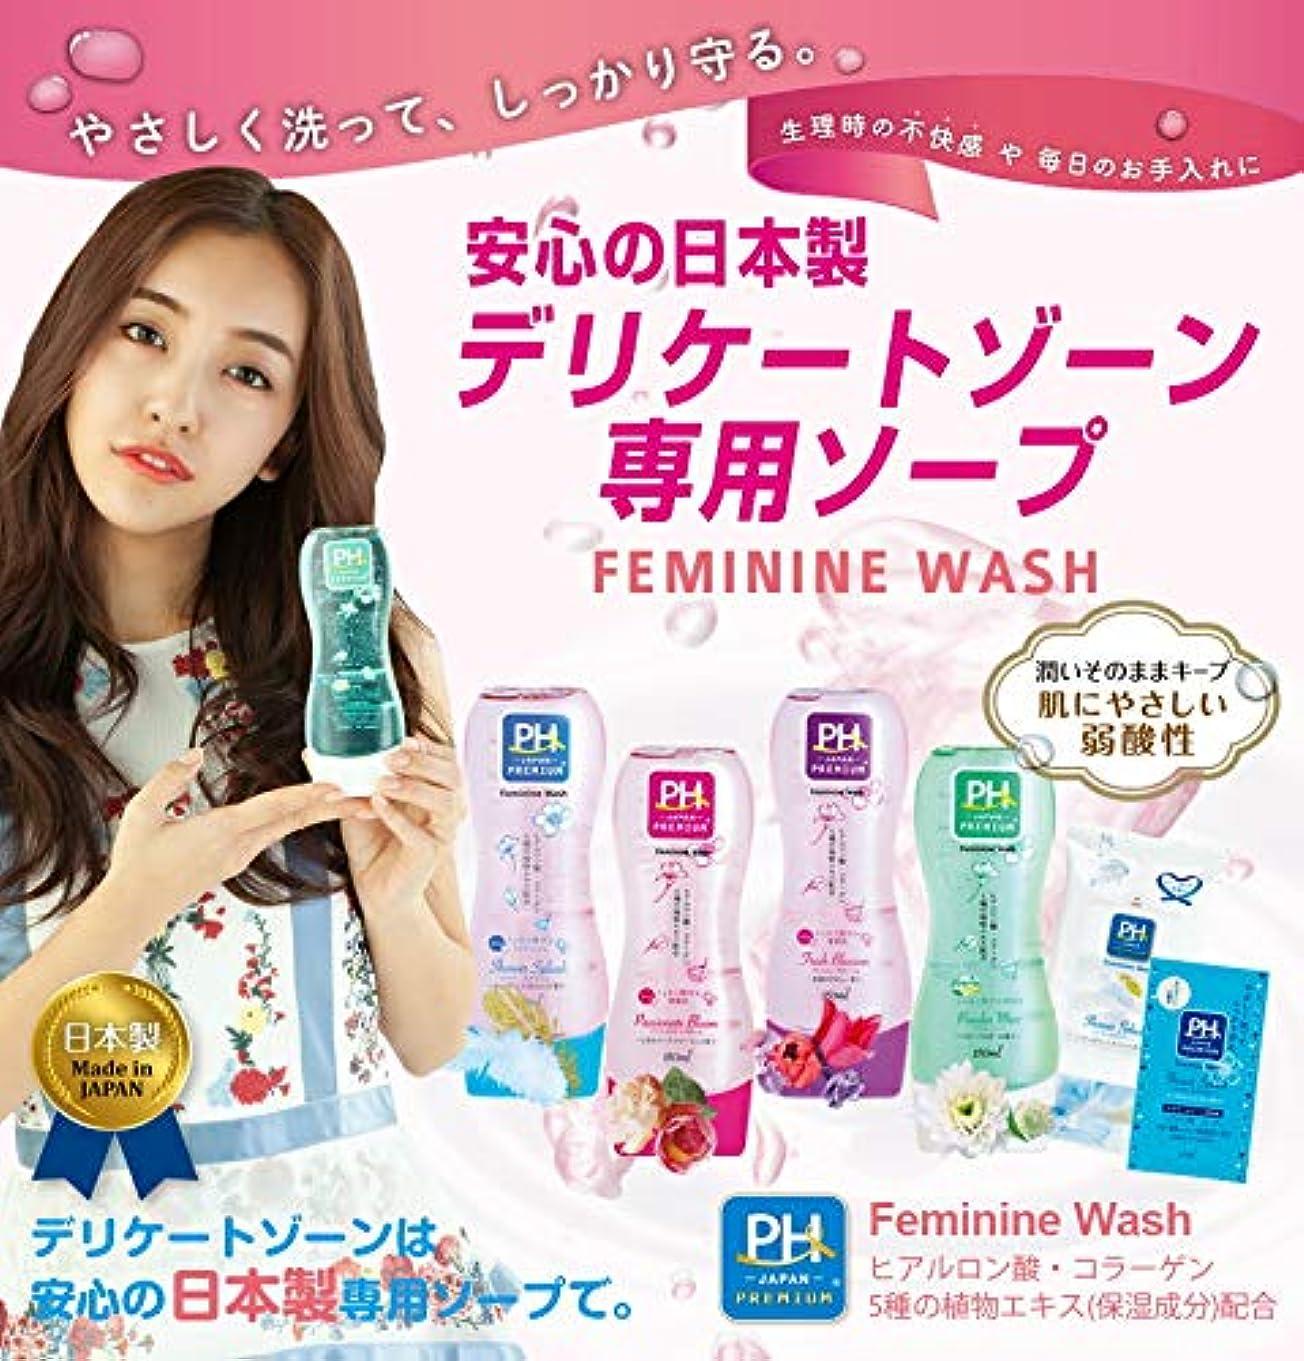 土器ご覧くださいクルーズPH JAPAN プレミアム フェミニンウォッシュ パッショネイトブルーム150ml上品なローズフローラルの香り 3本セット